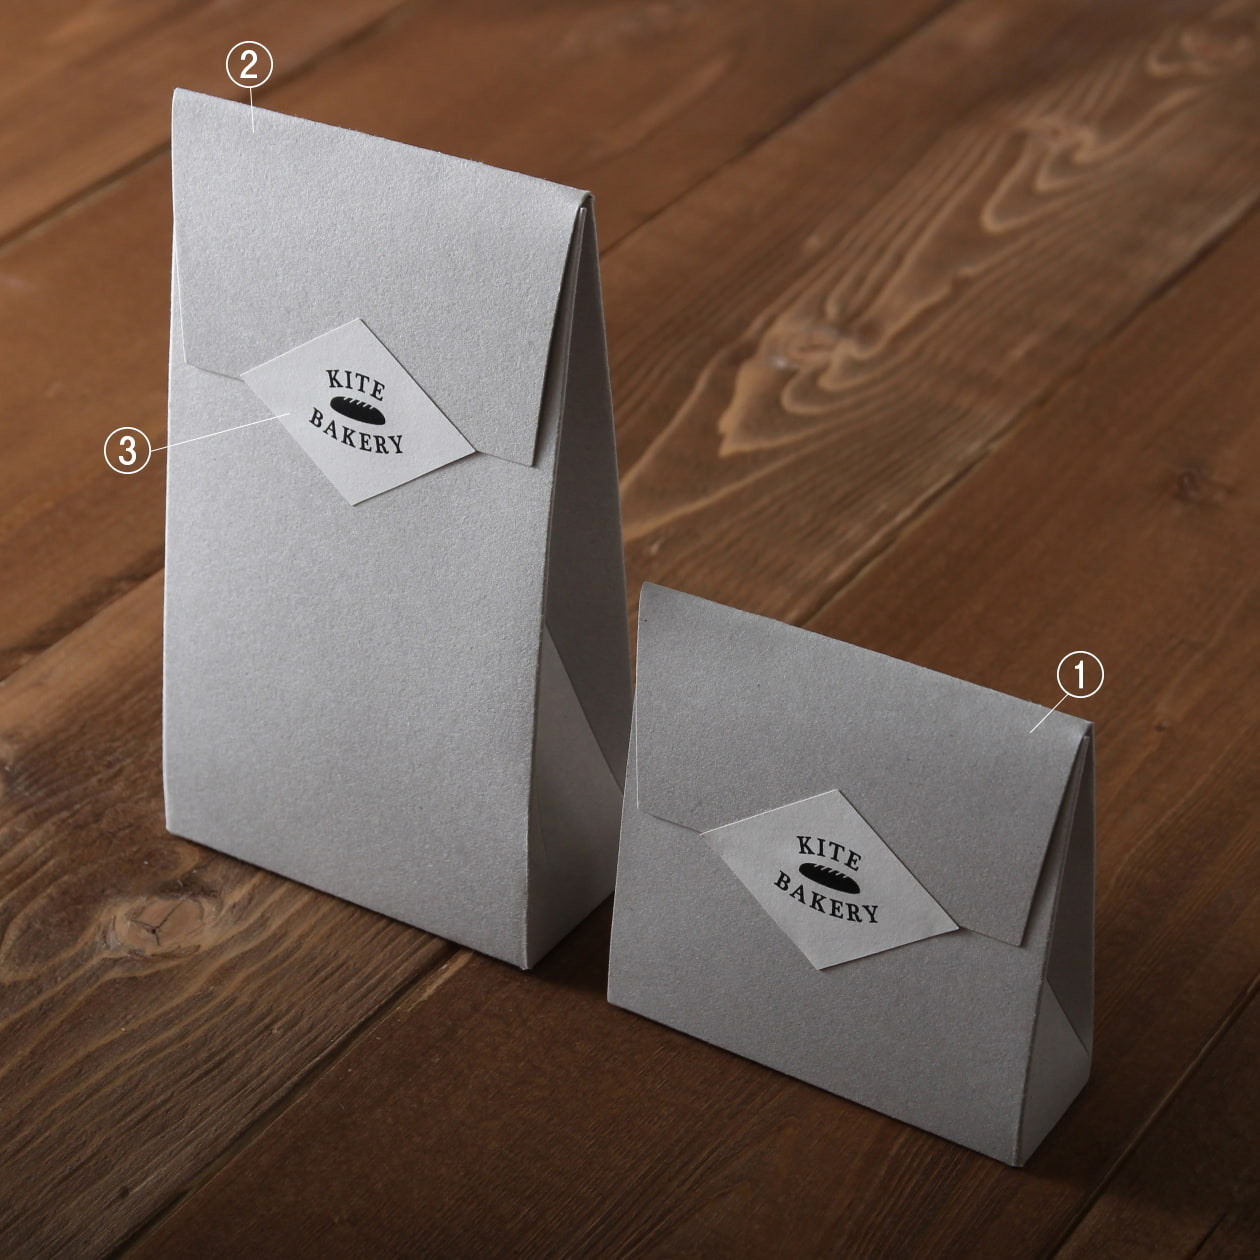 ビスケットの商品パッケージ